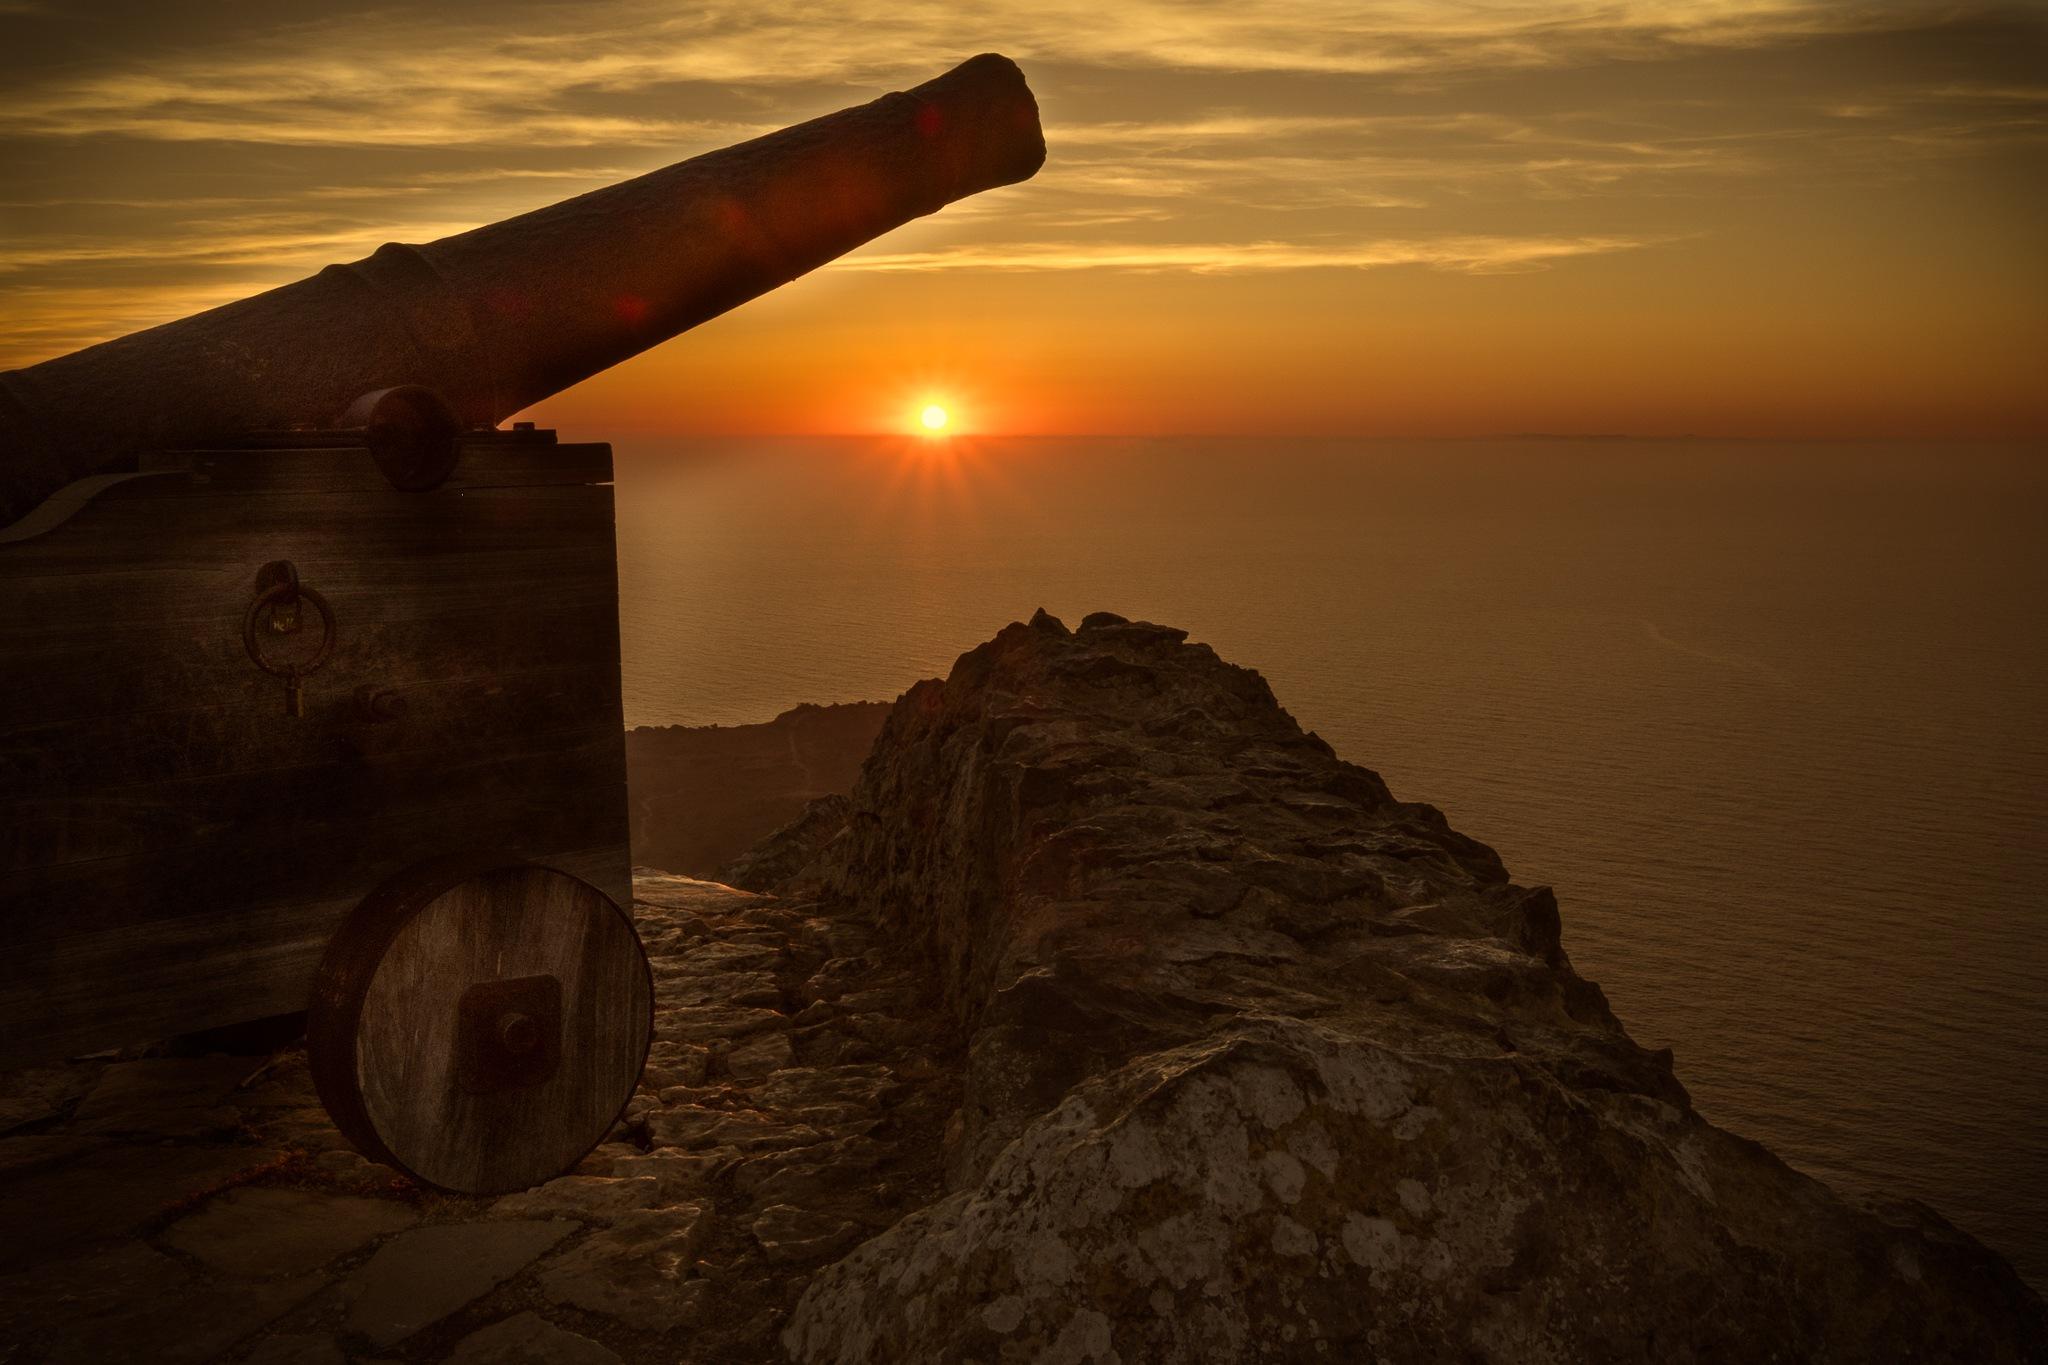 Sunrise Mallorca by FrankSchulte